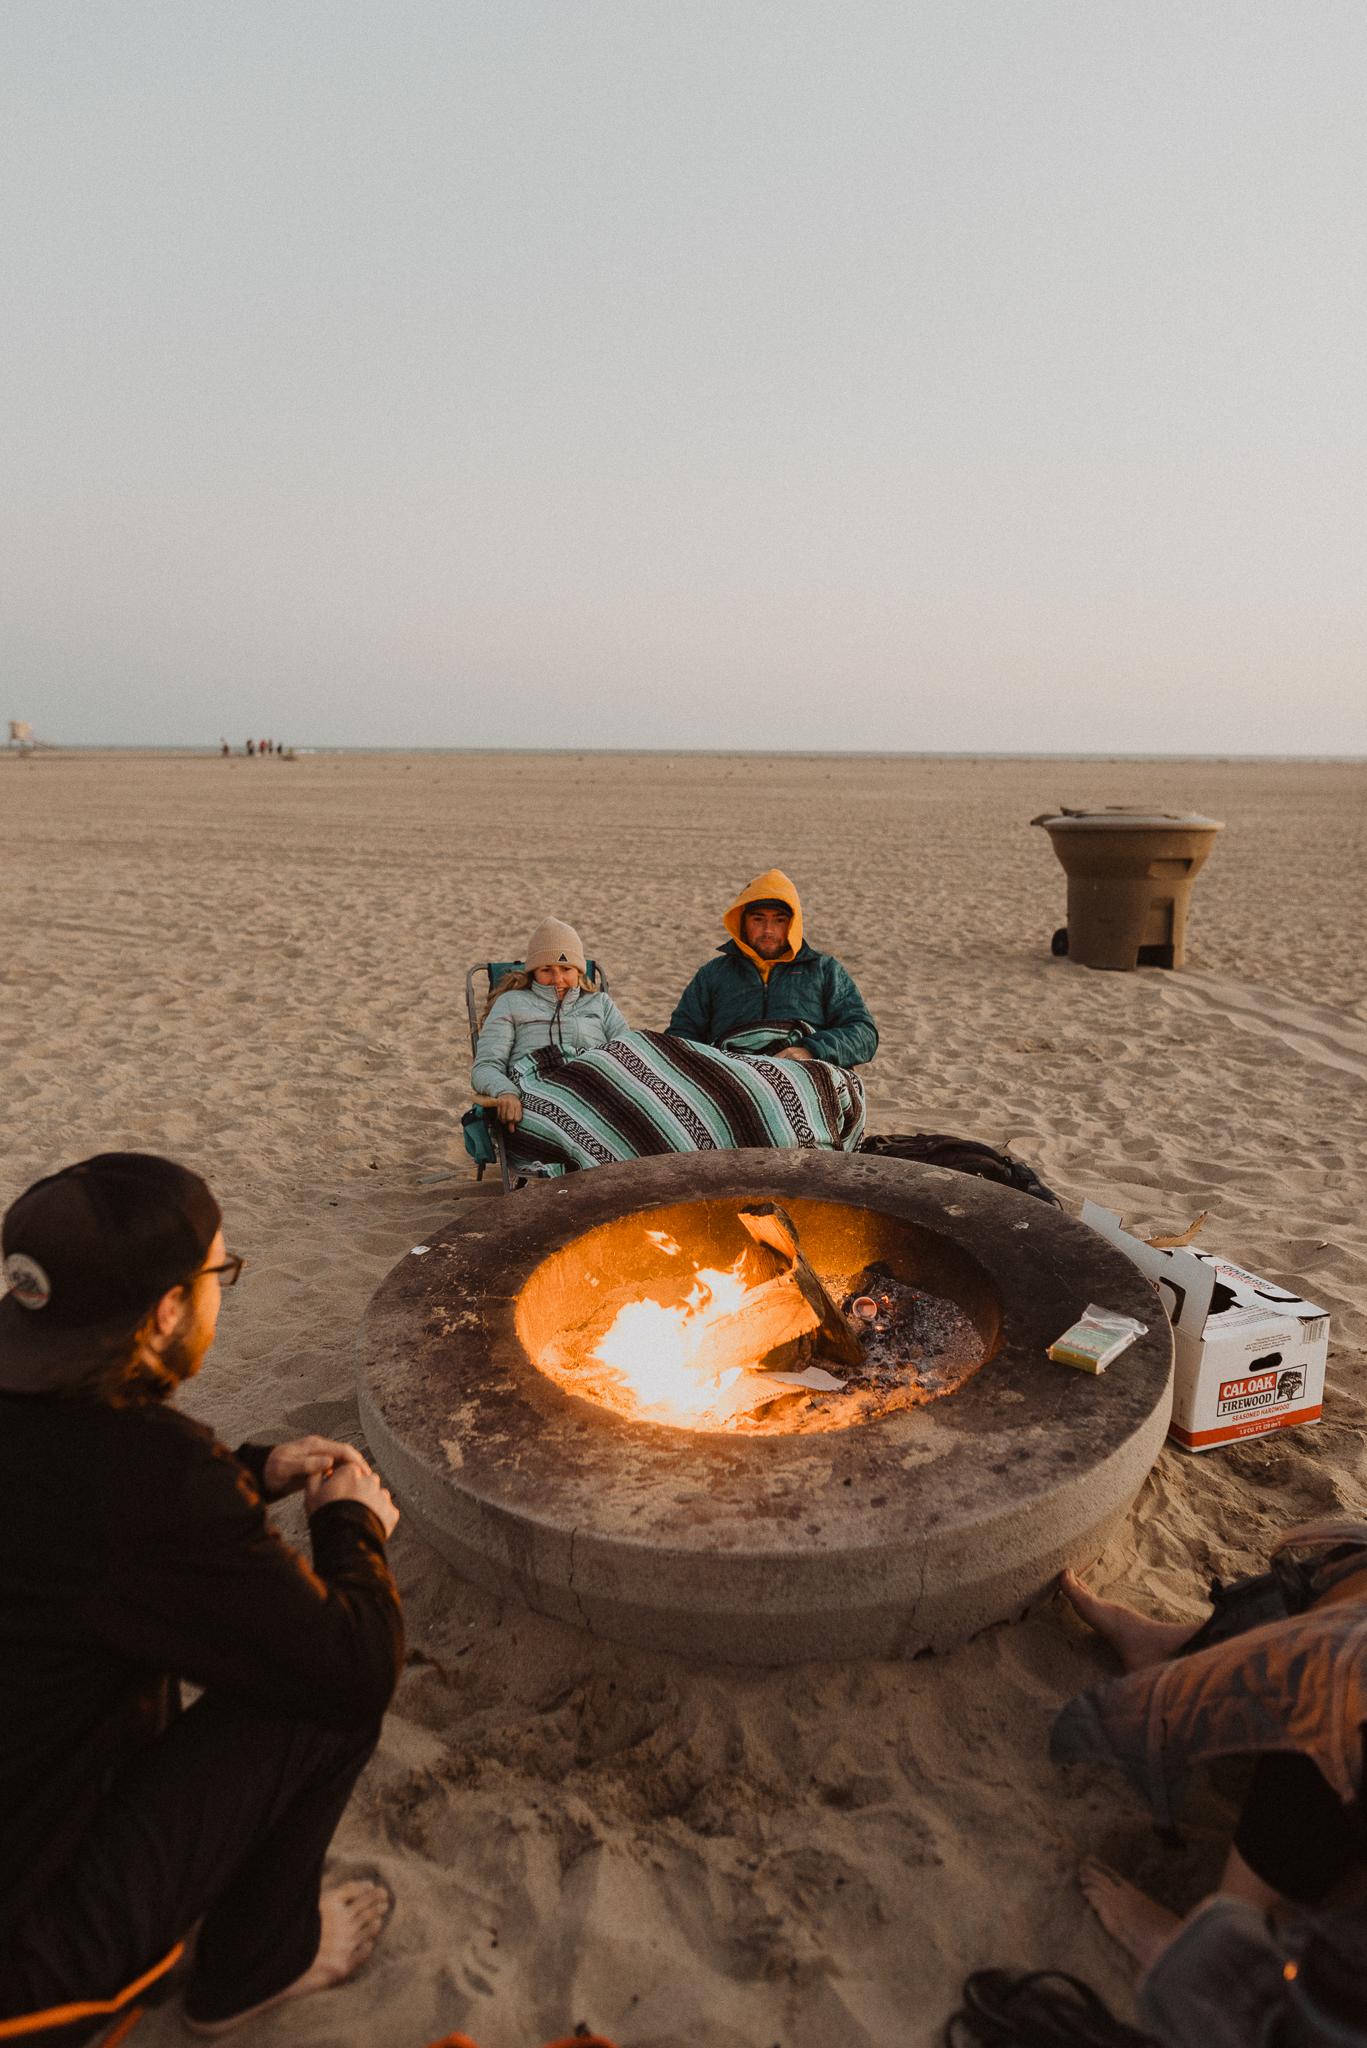 californiaadventurephotographer.jpg